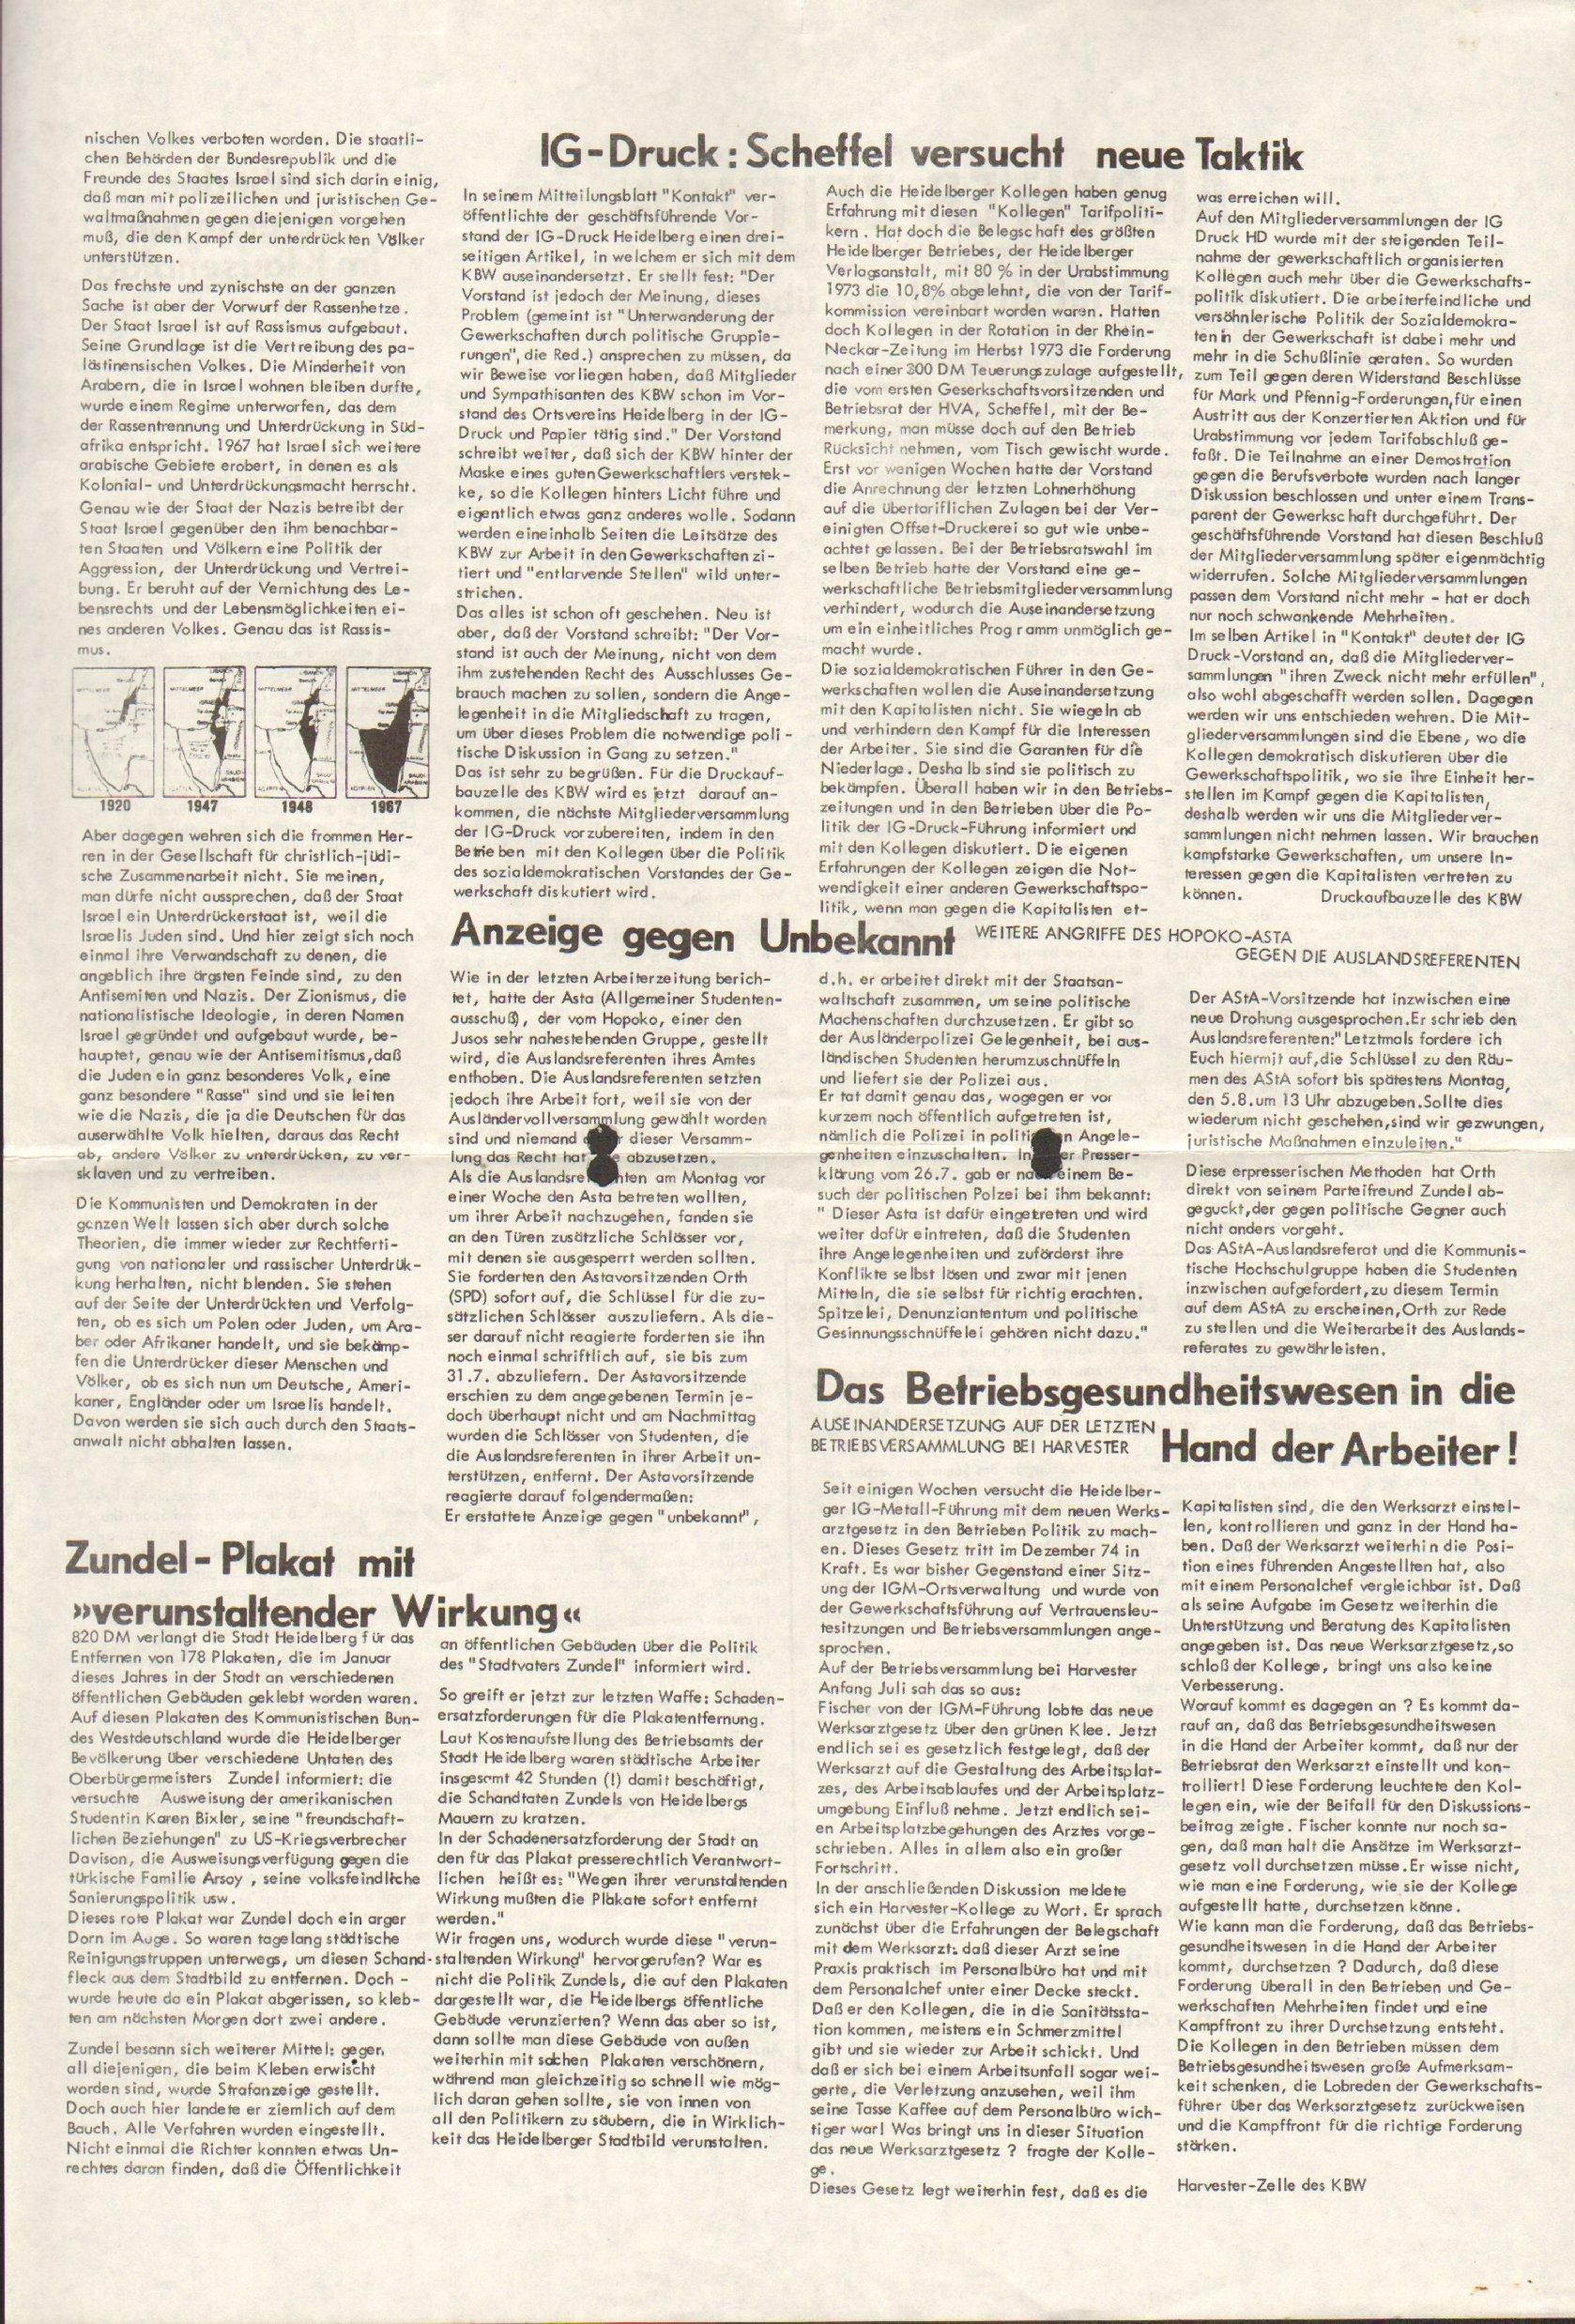 Heidelberg_KBW_AZ072